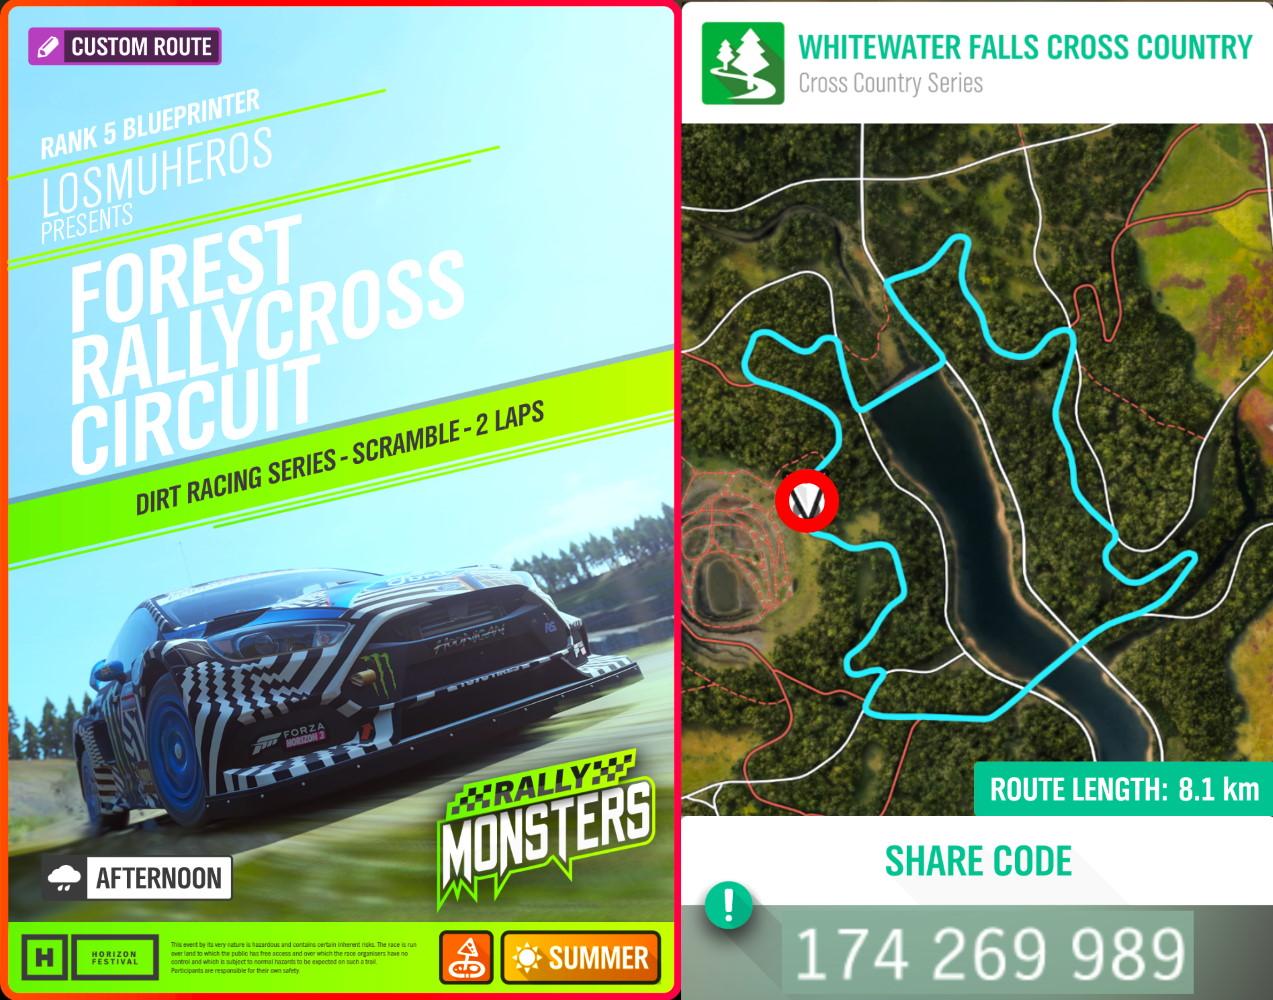 Forest Rallycross Circuit